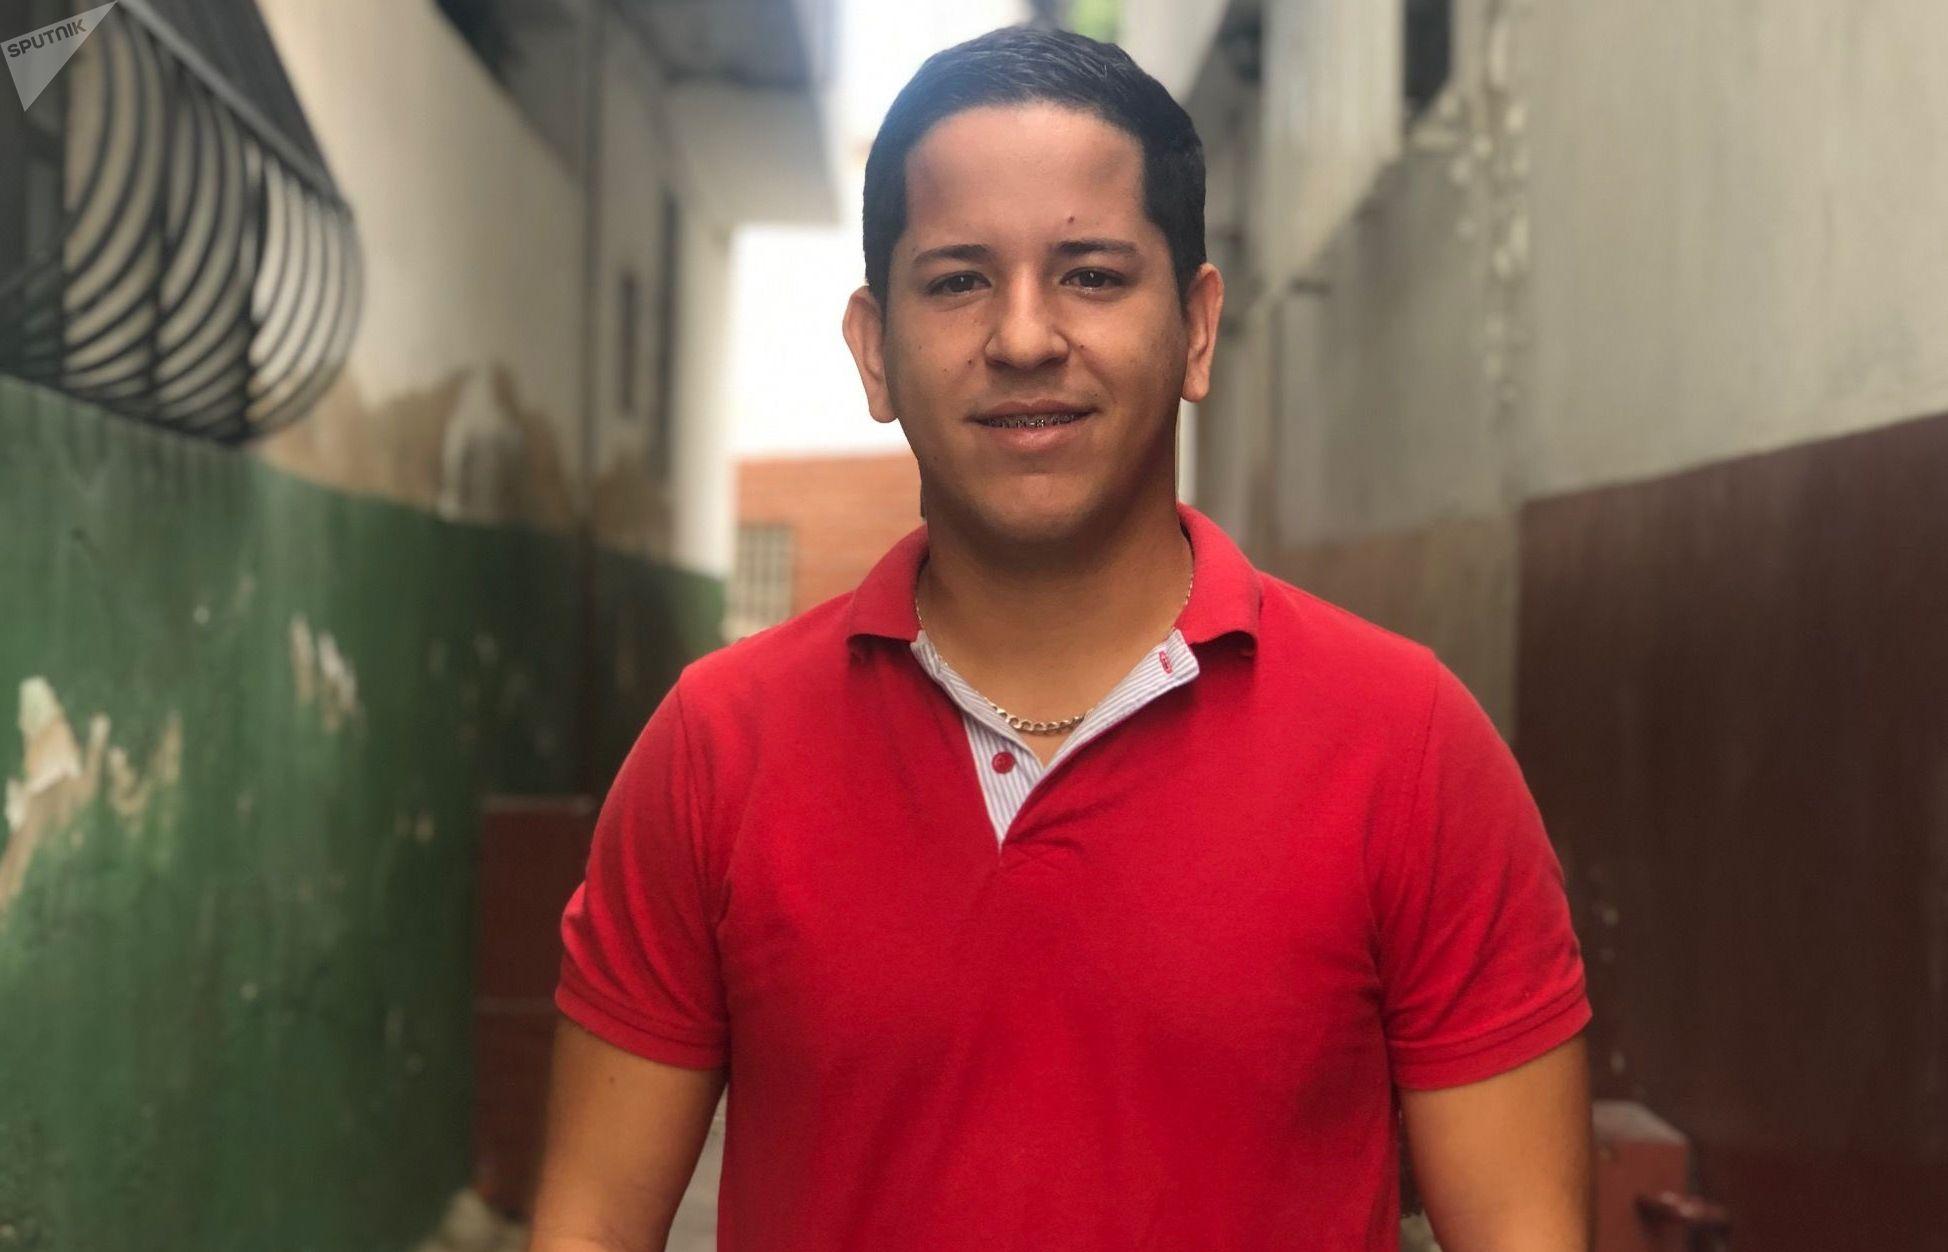 Daniel, migrante venezolano que regresó a Venezuela